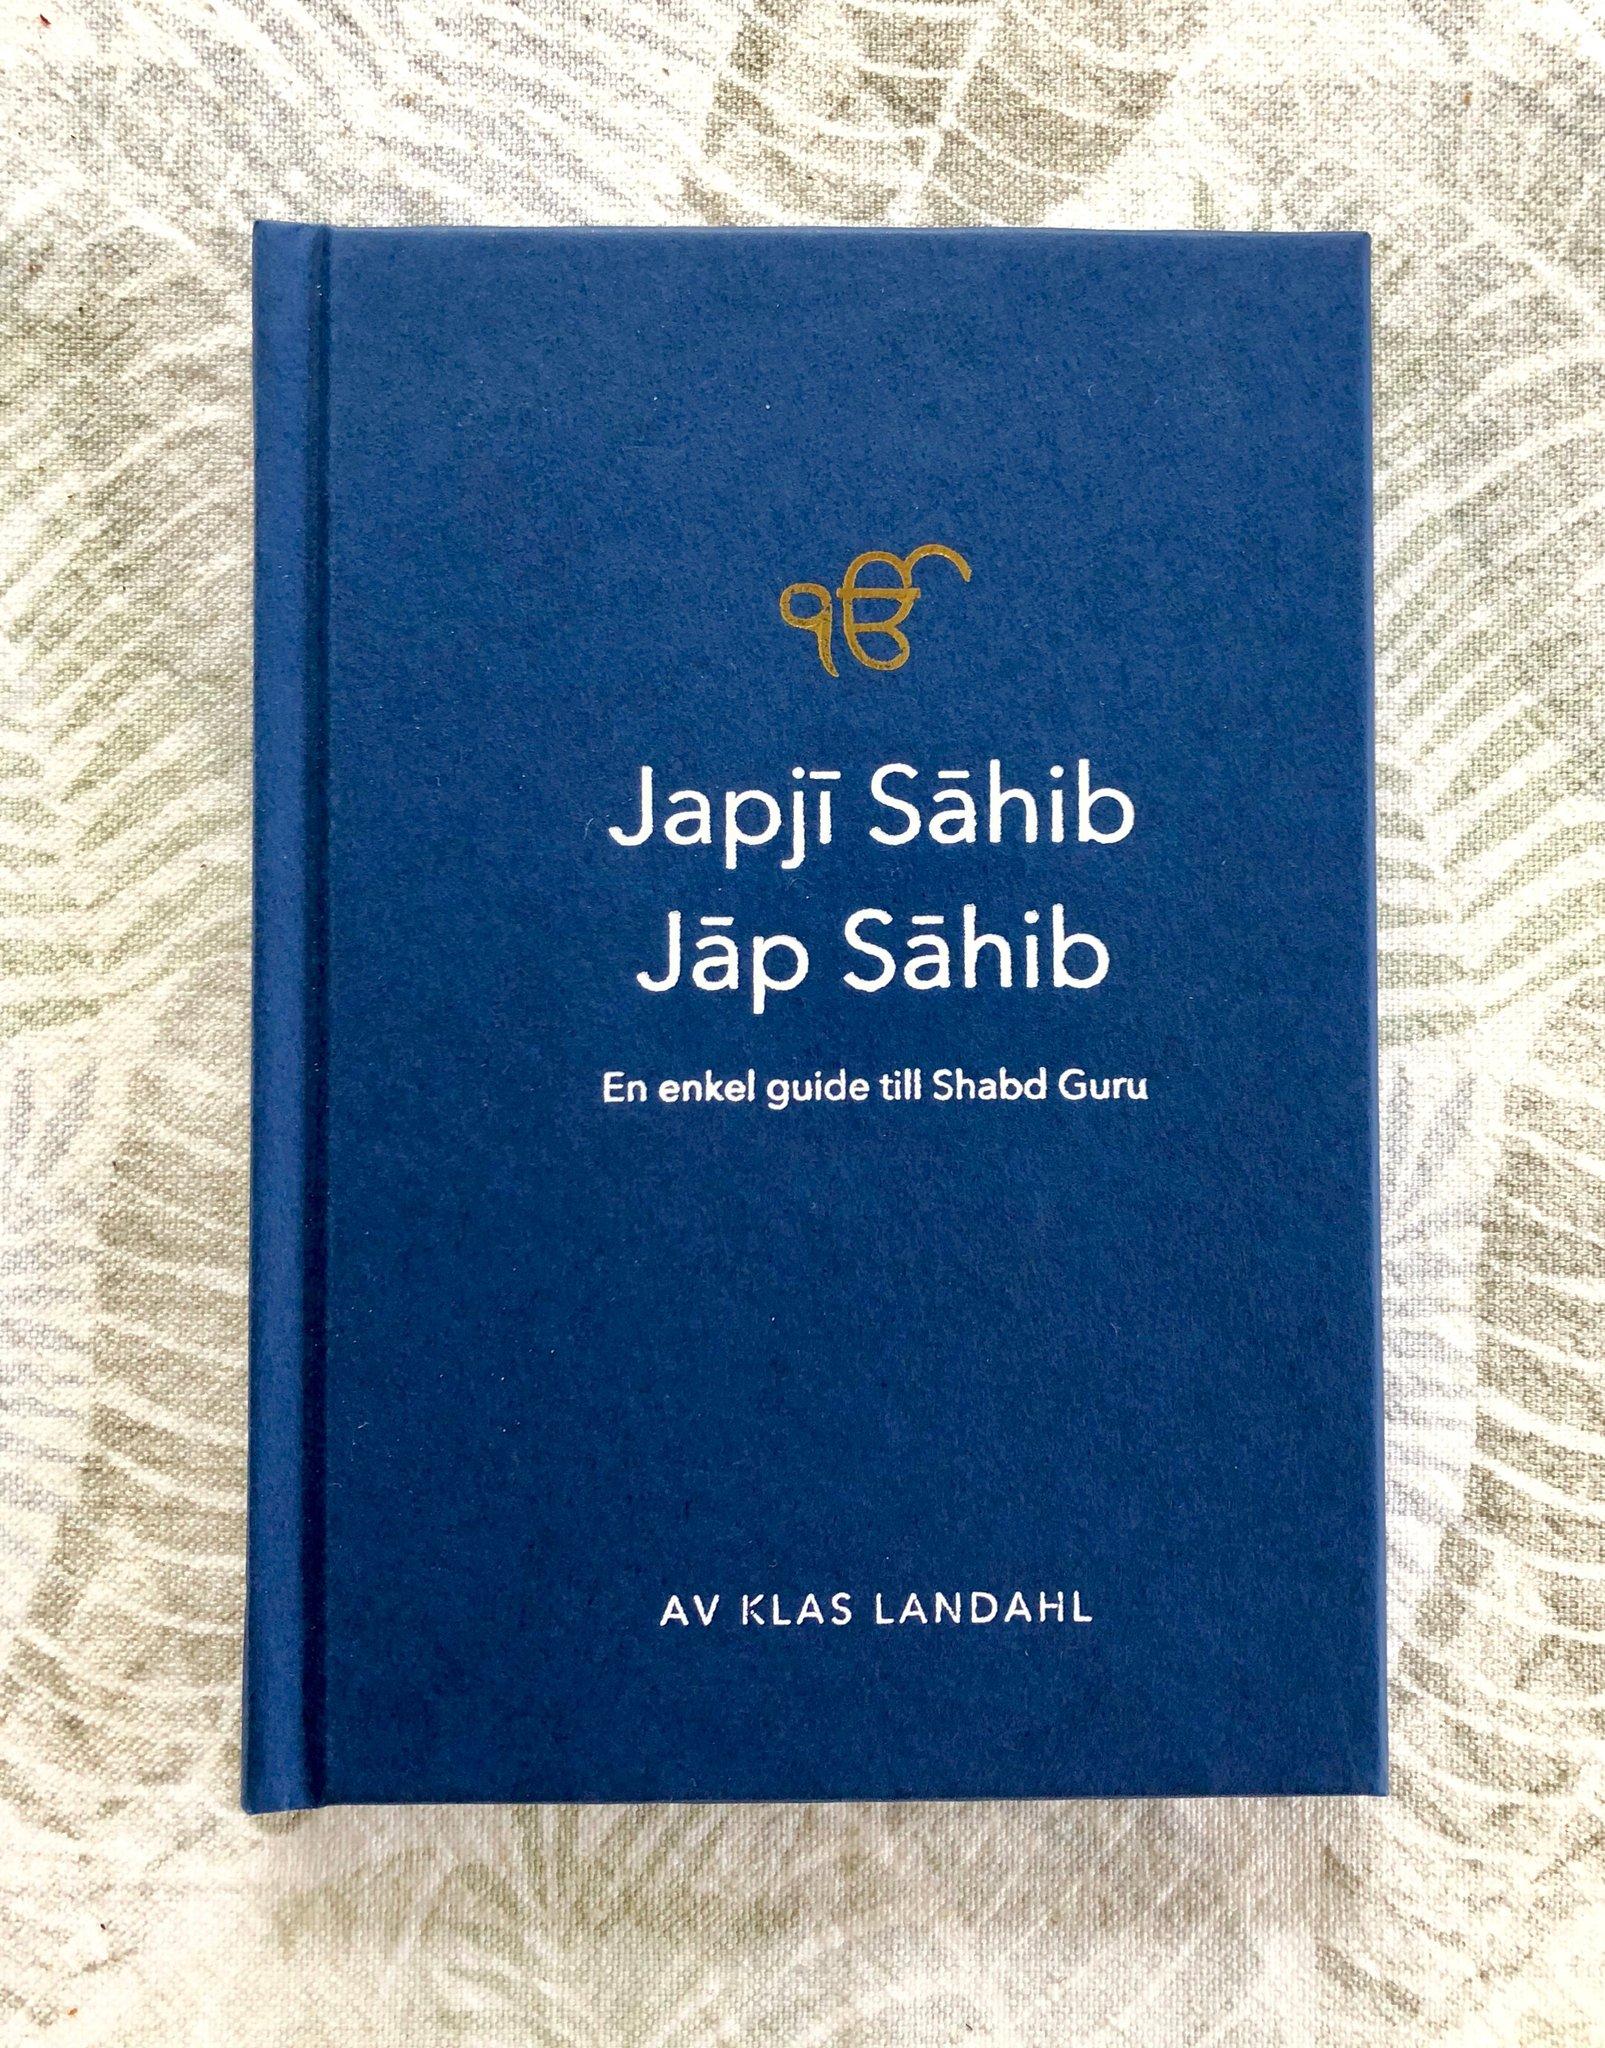 Japji Sahib och Jaap Sahib, av Klas Landahl